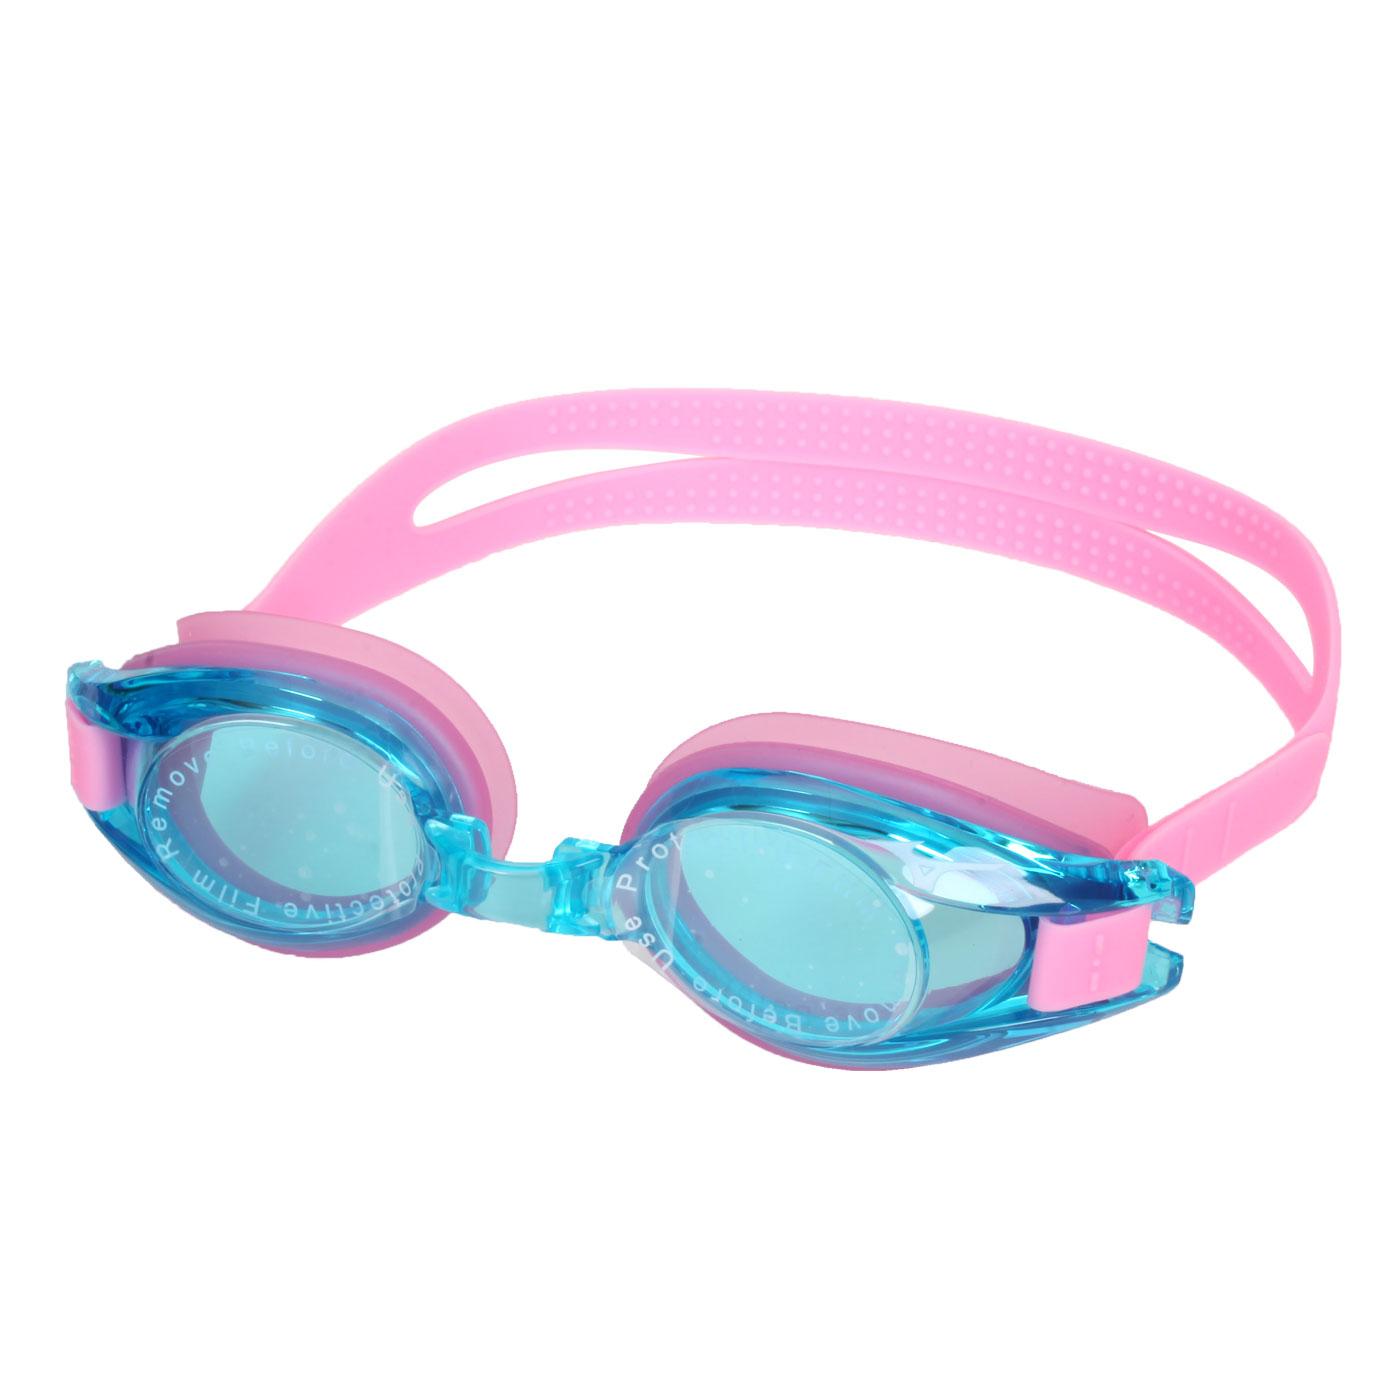 MIZUNO 兒童泳鏡  SWIMN3JF600000-63 - 透明藍粉紅